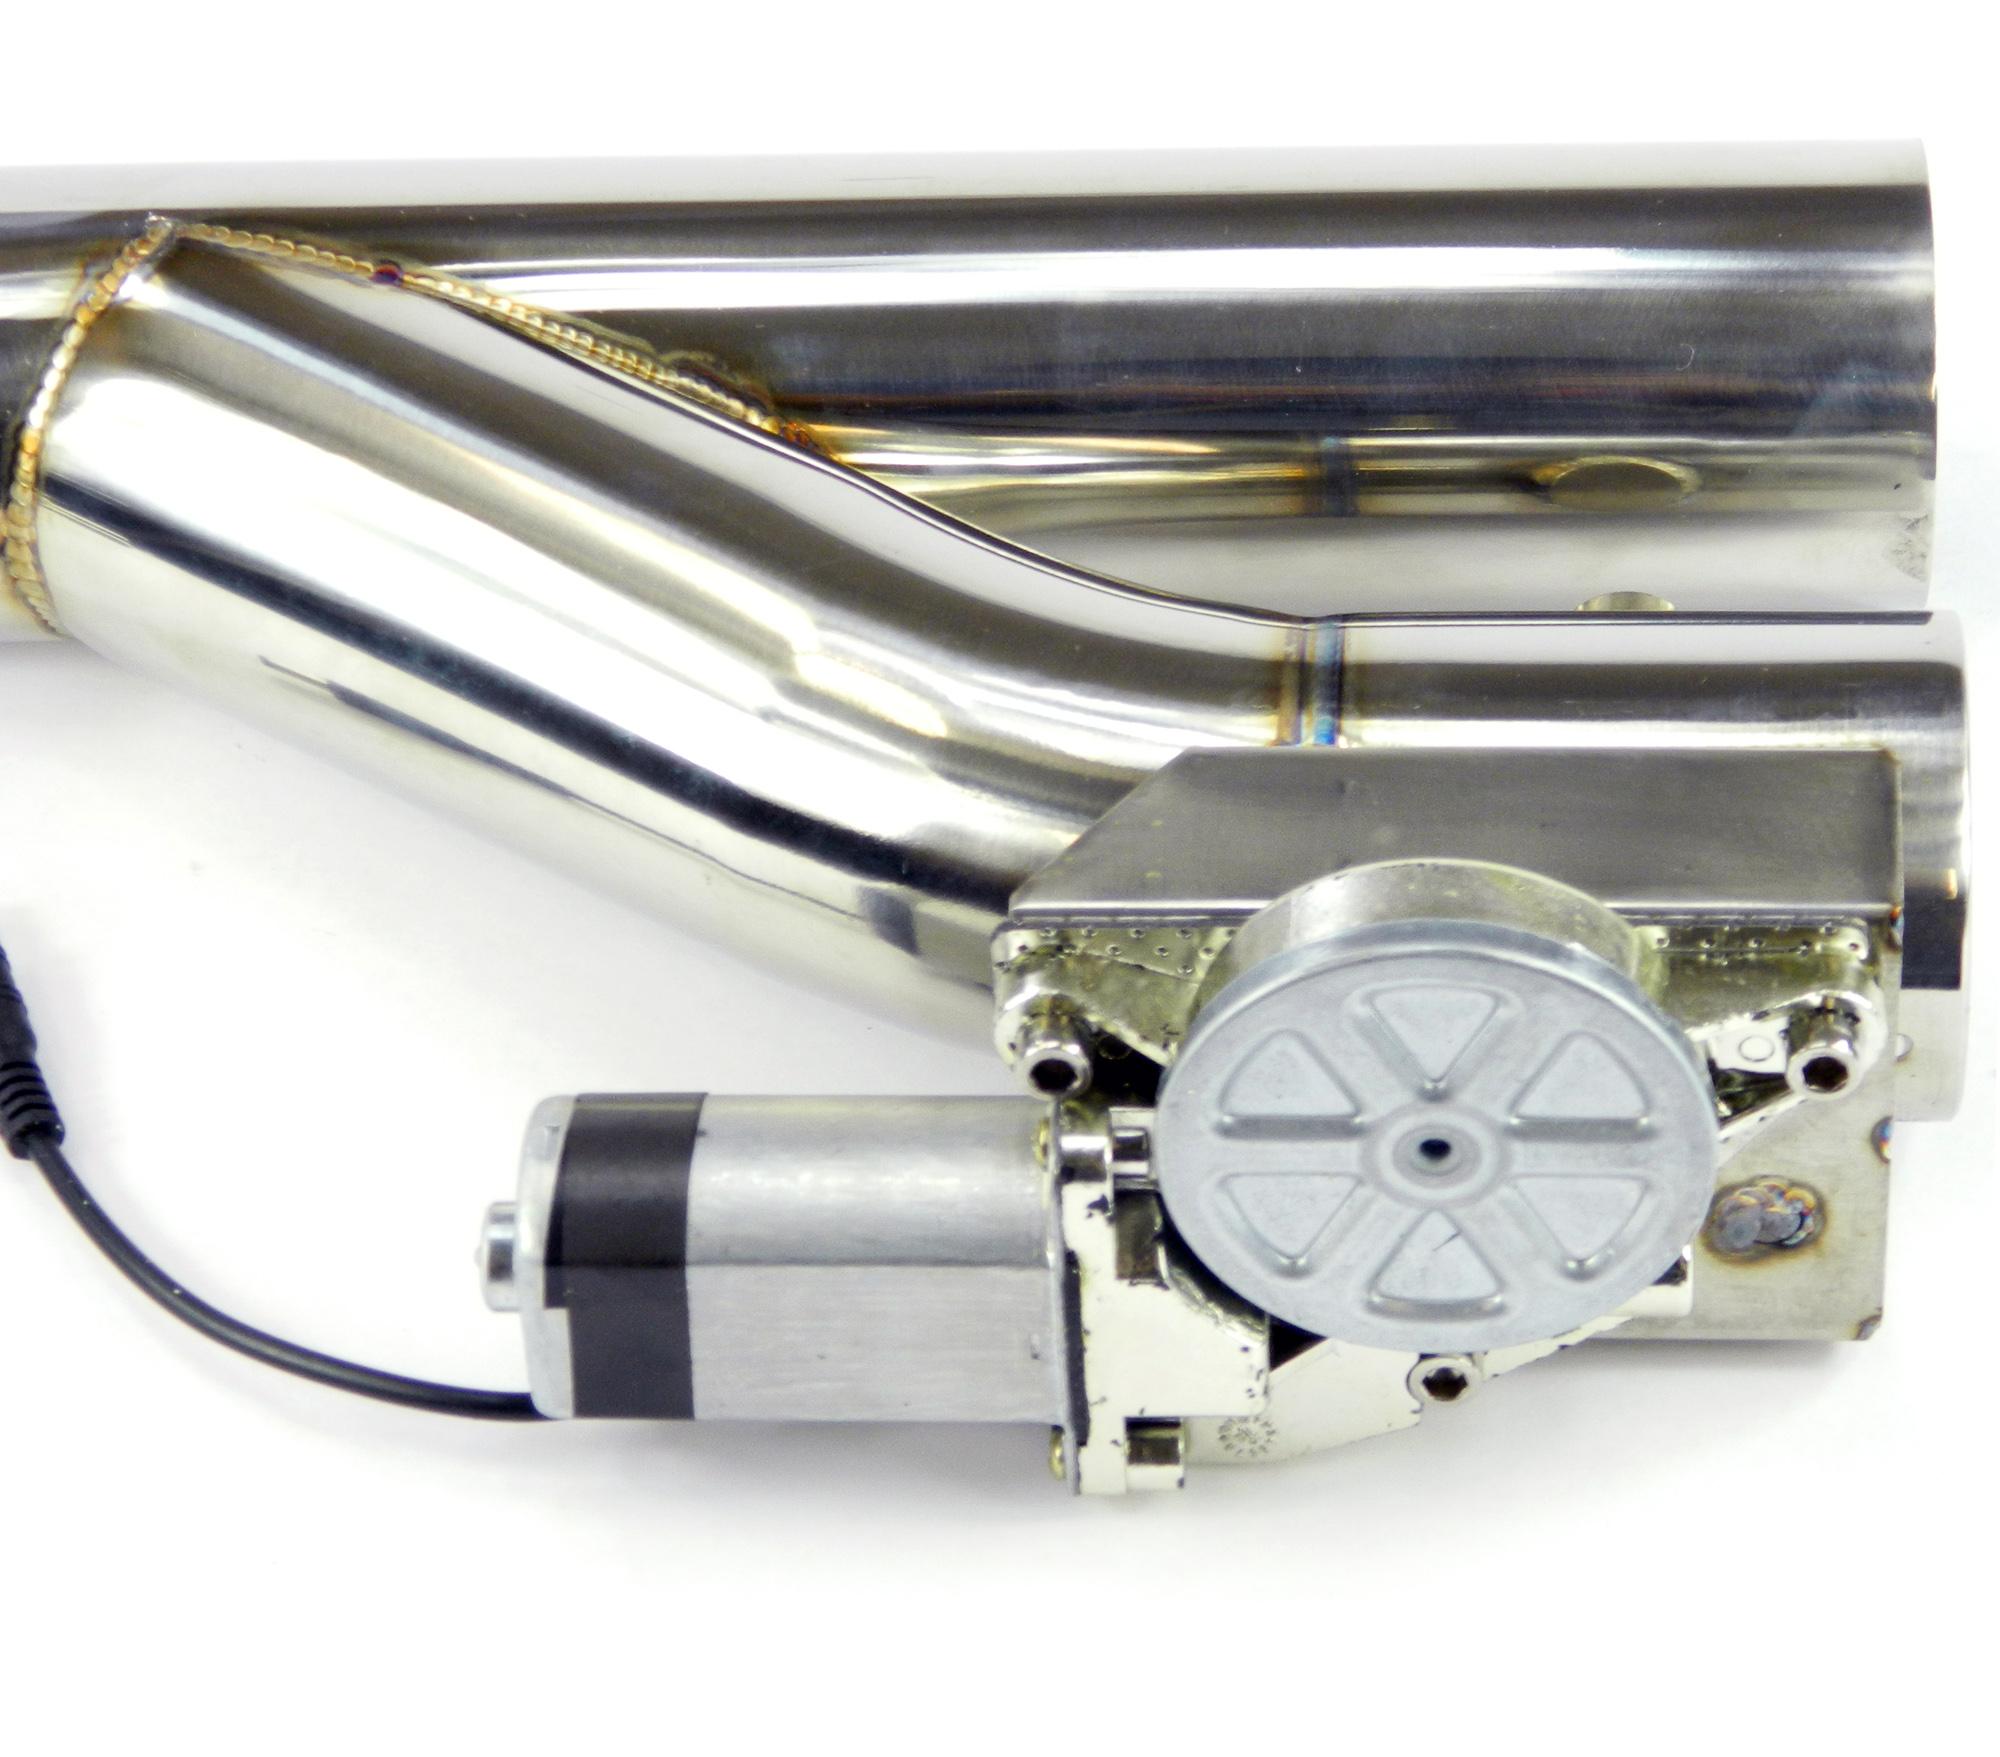 Duales Klappenauspuff-System Y-Rohr, elektrisch inkl. Fernbedienung - 63mm Außendurchmesser